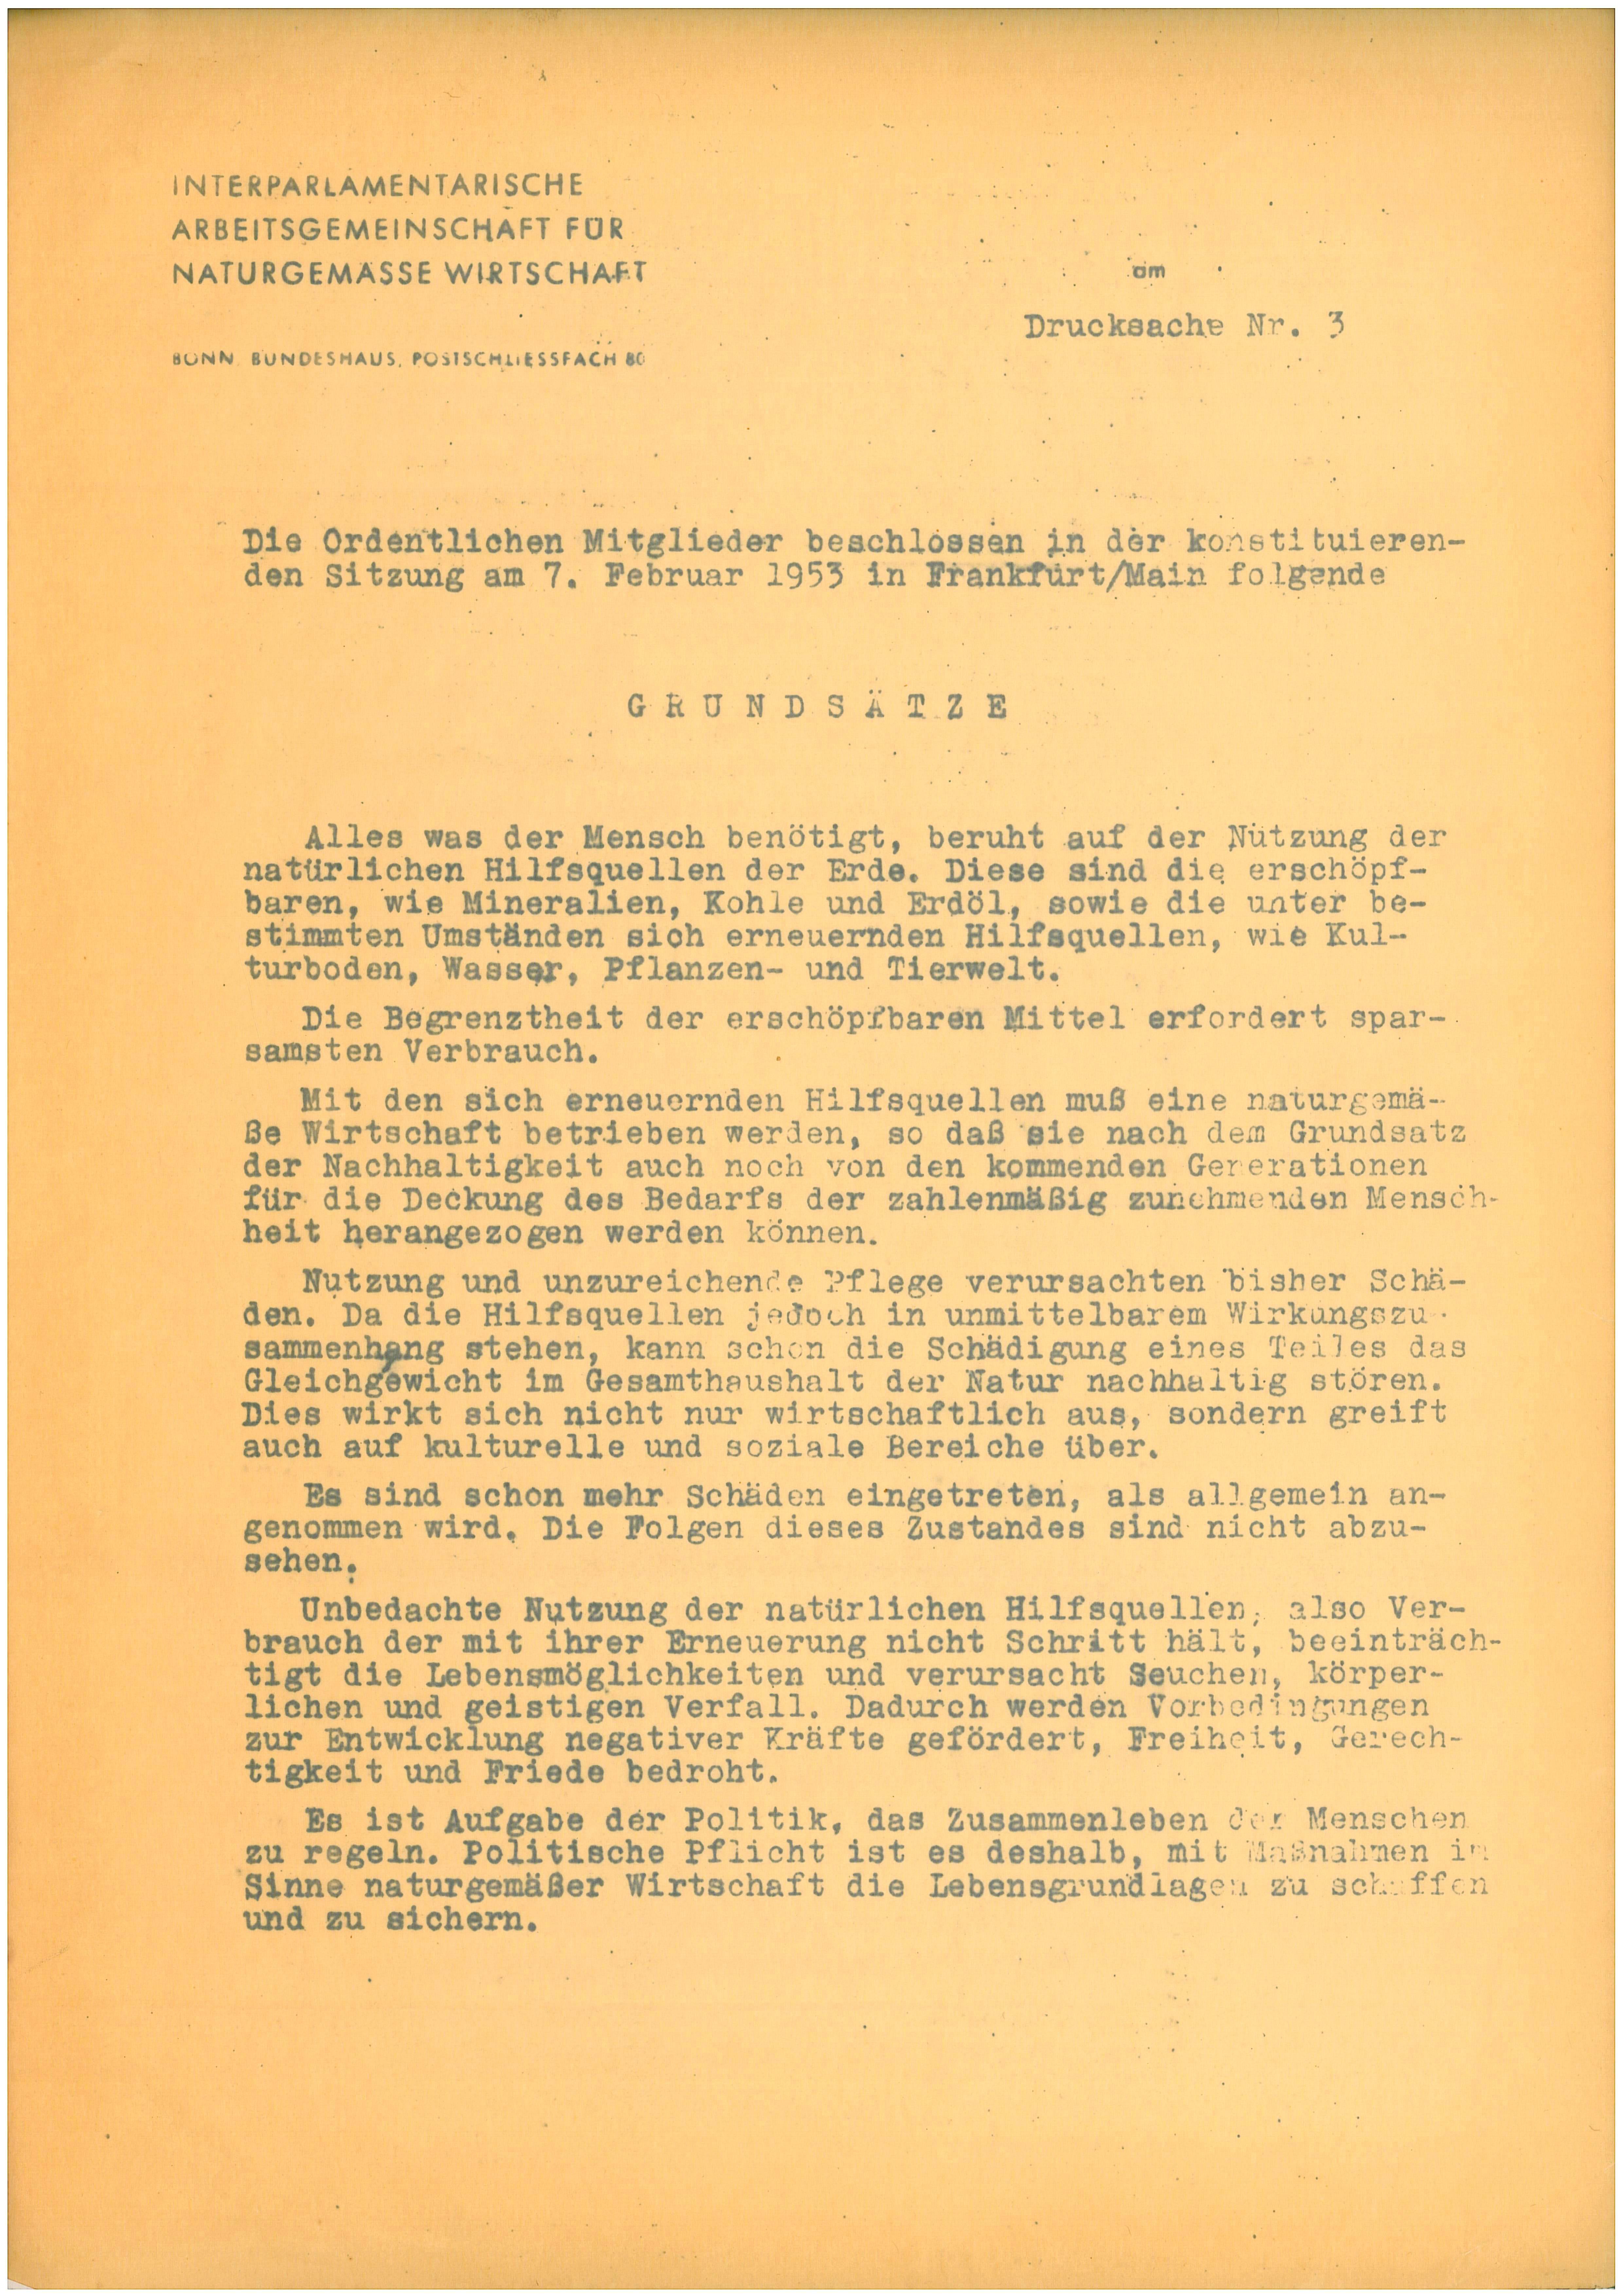 Grundsätze der Interparlamentarischen AG